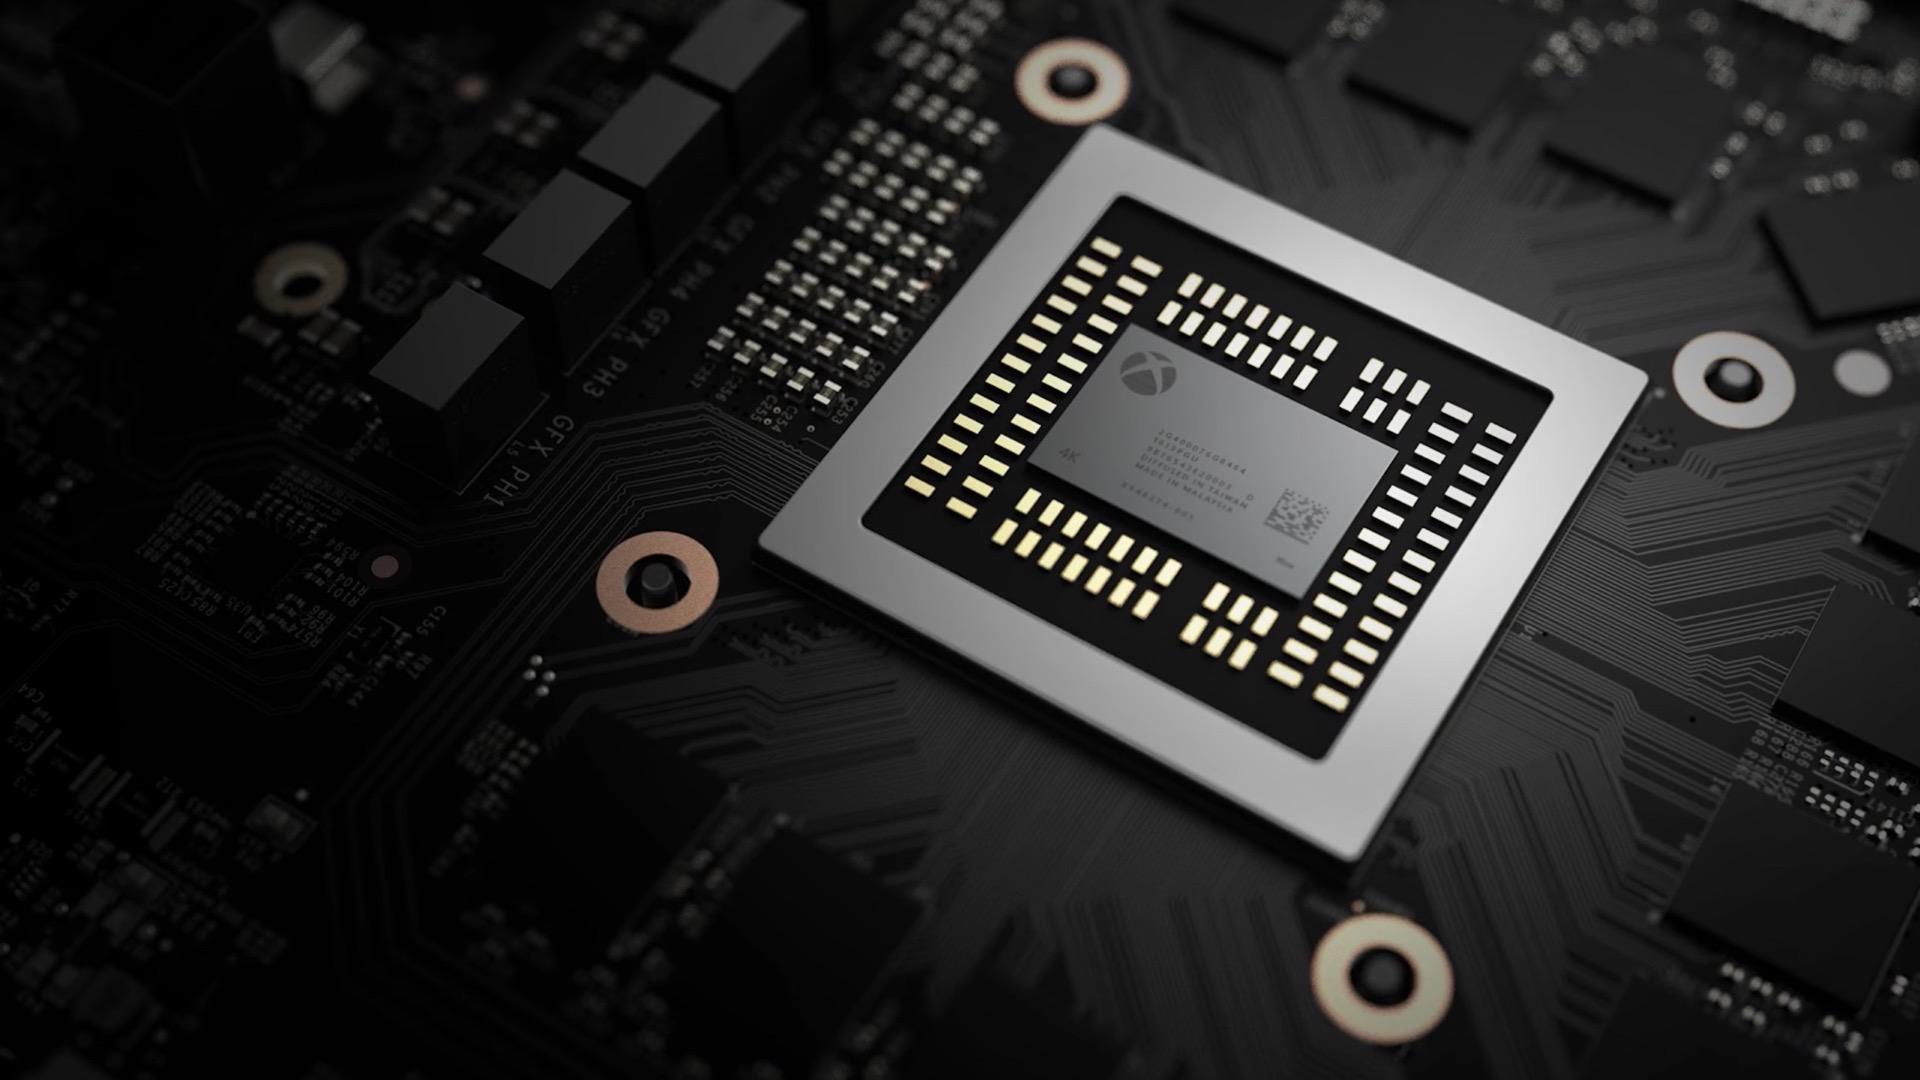 Xbox Project Scorpio Specs3